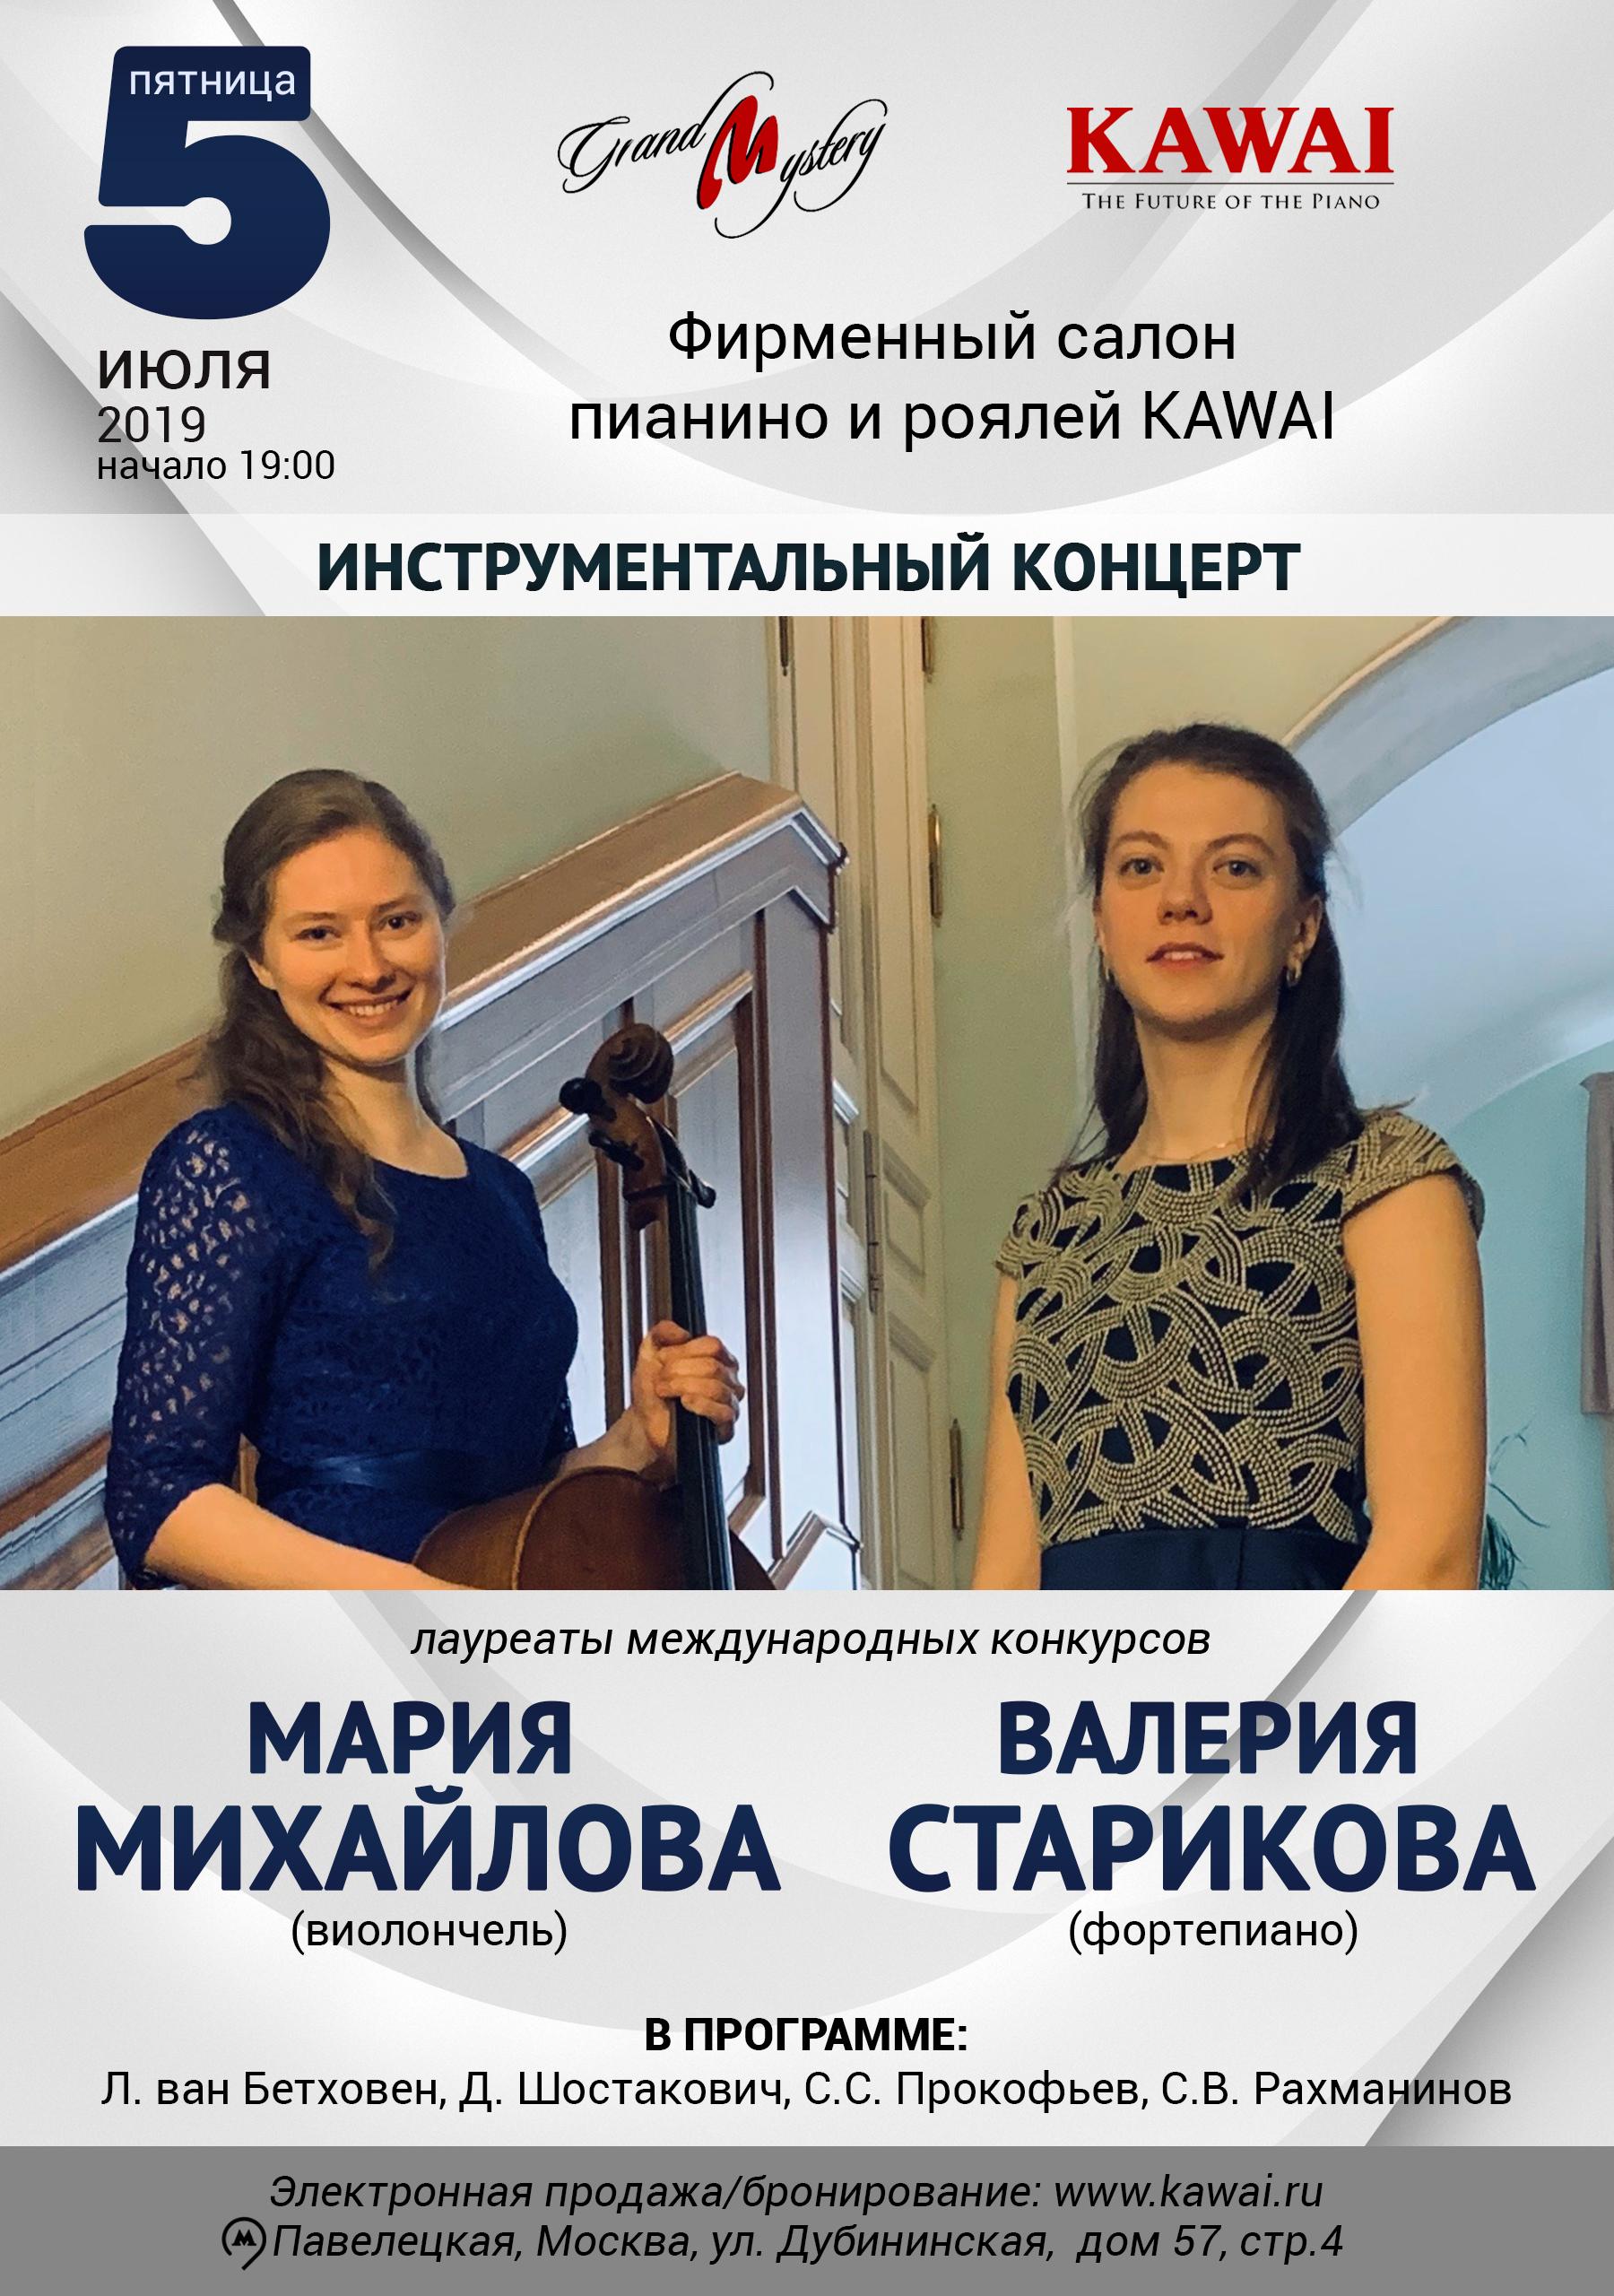 Инструментальный концерт Валерии Стариковой и Марии Михайловой